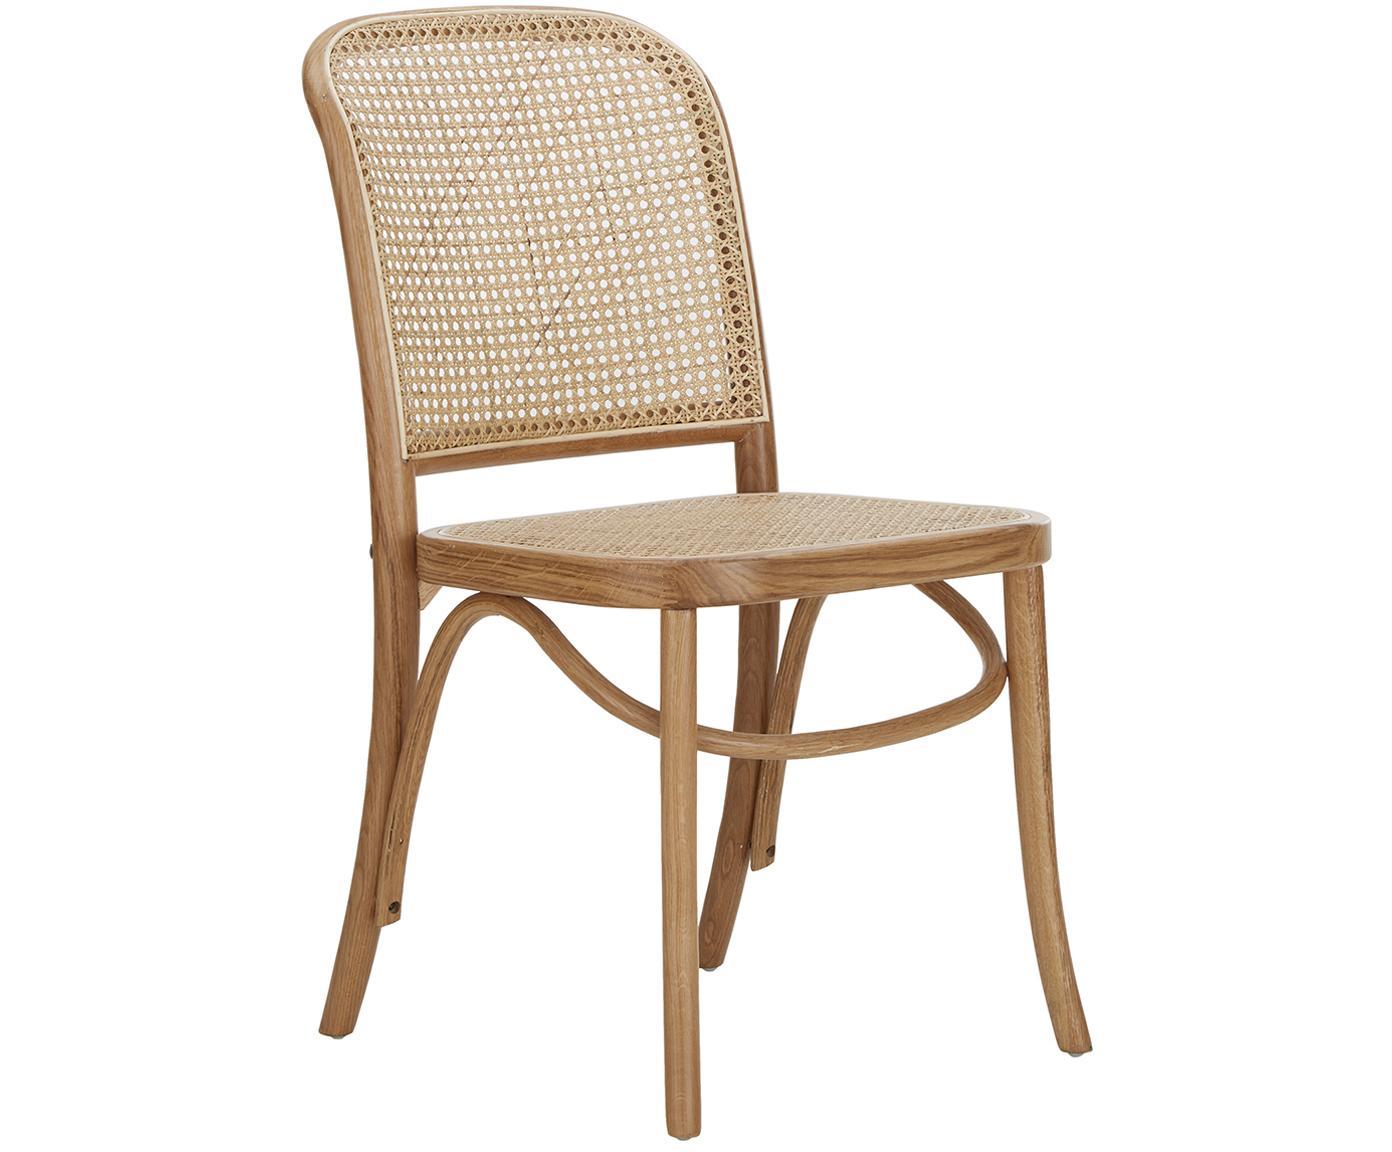 Holzstuhl Franz mit Wiener Geflecht, Sitzfläche: Rattan, Gestell: Massives Eichenholz, lack, Braun, B 48 x T 59 cm